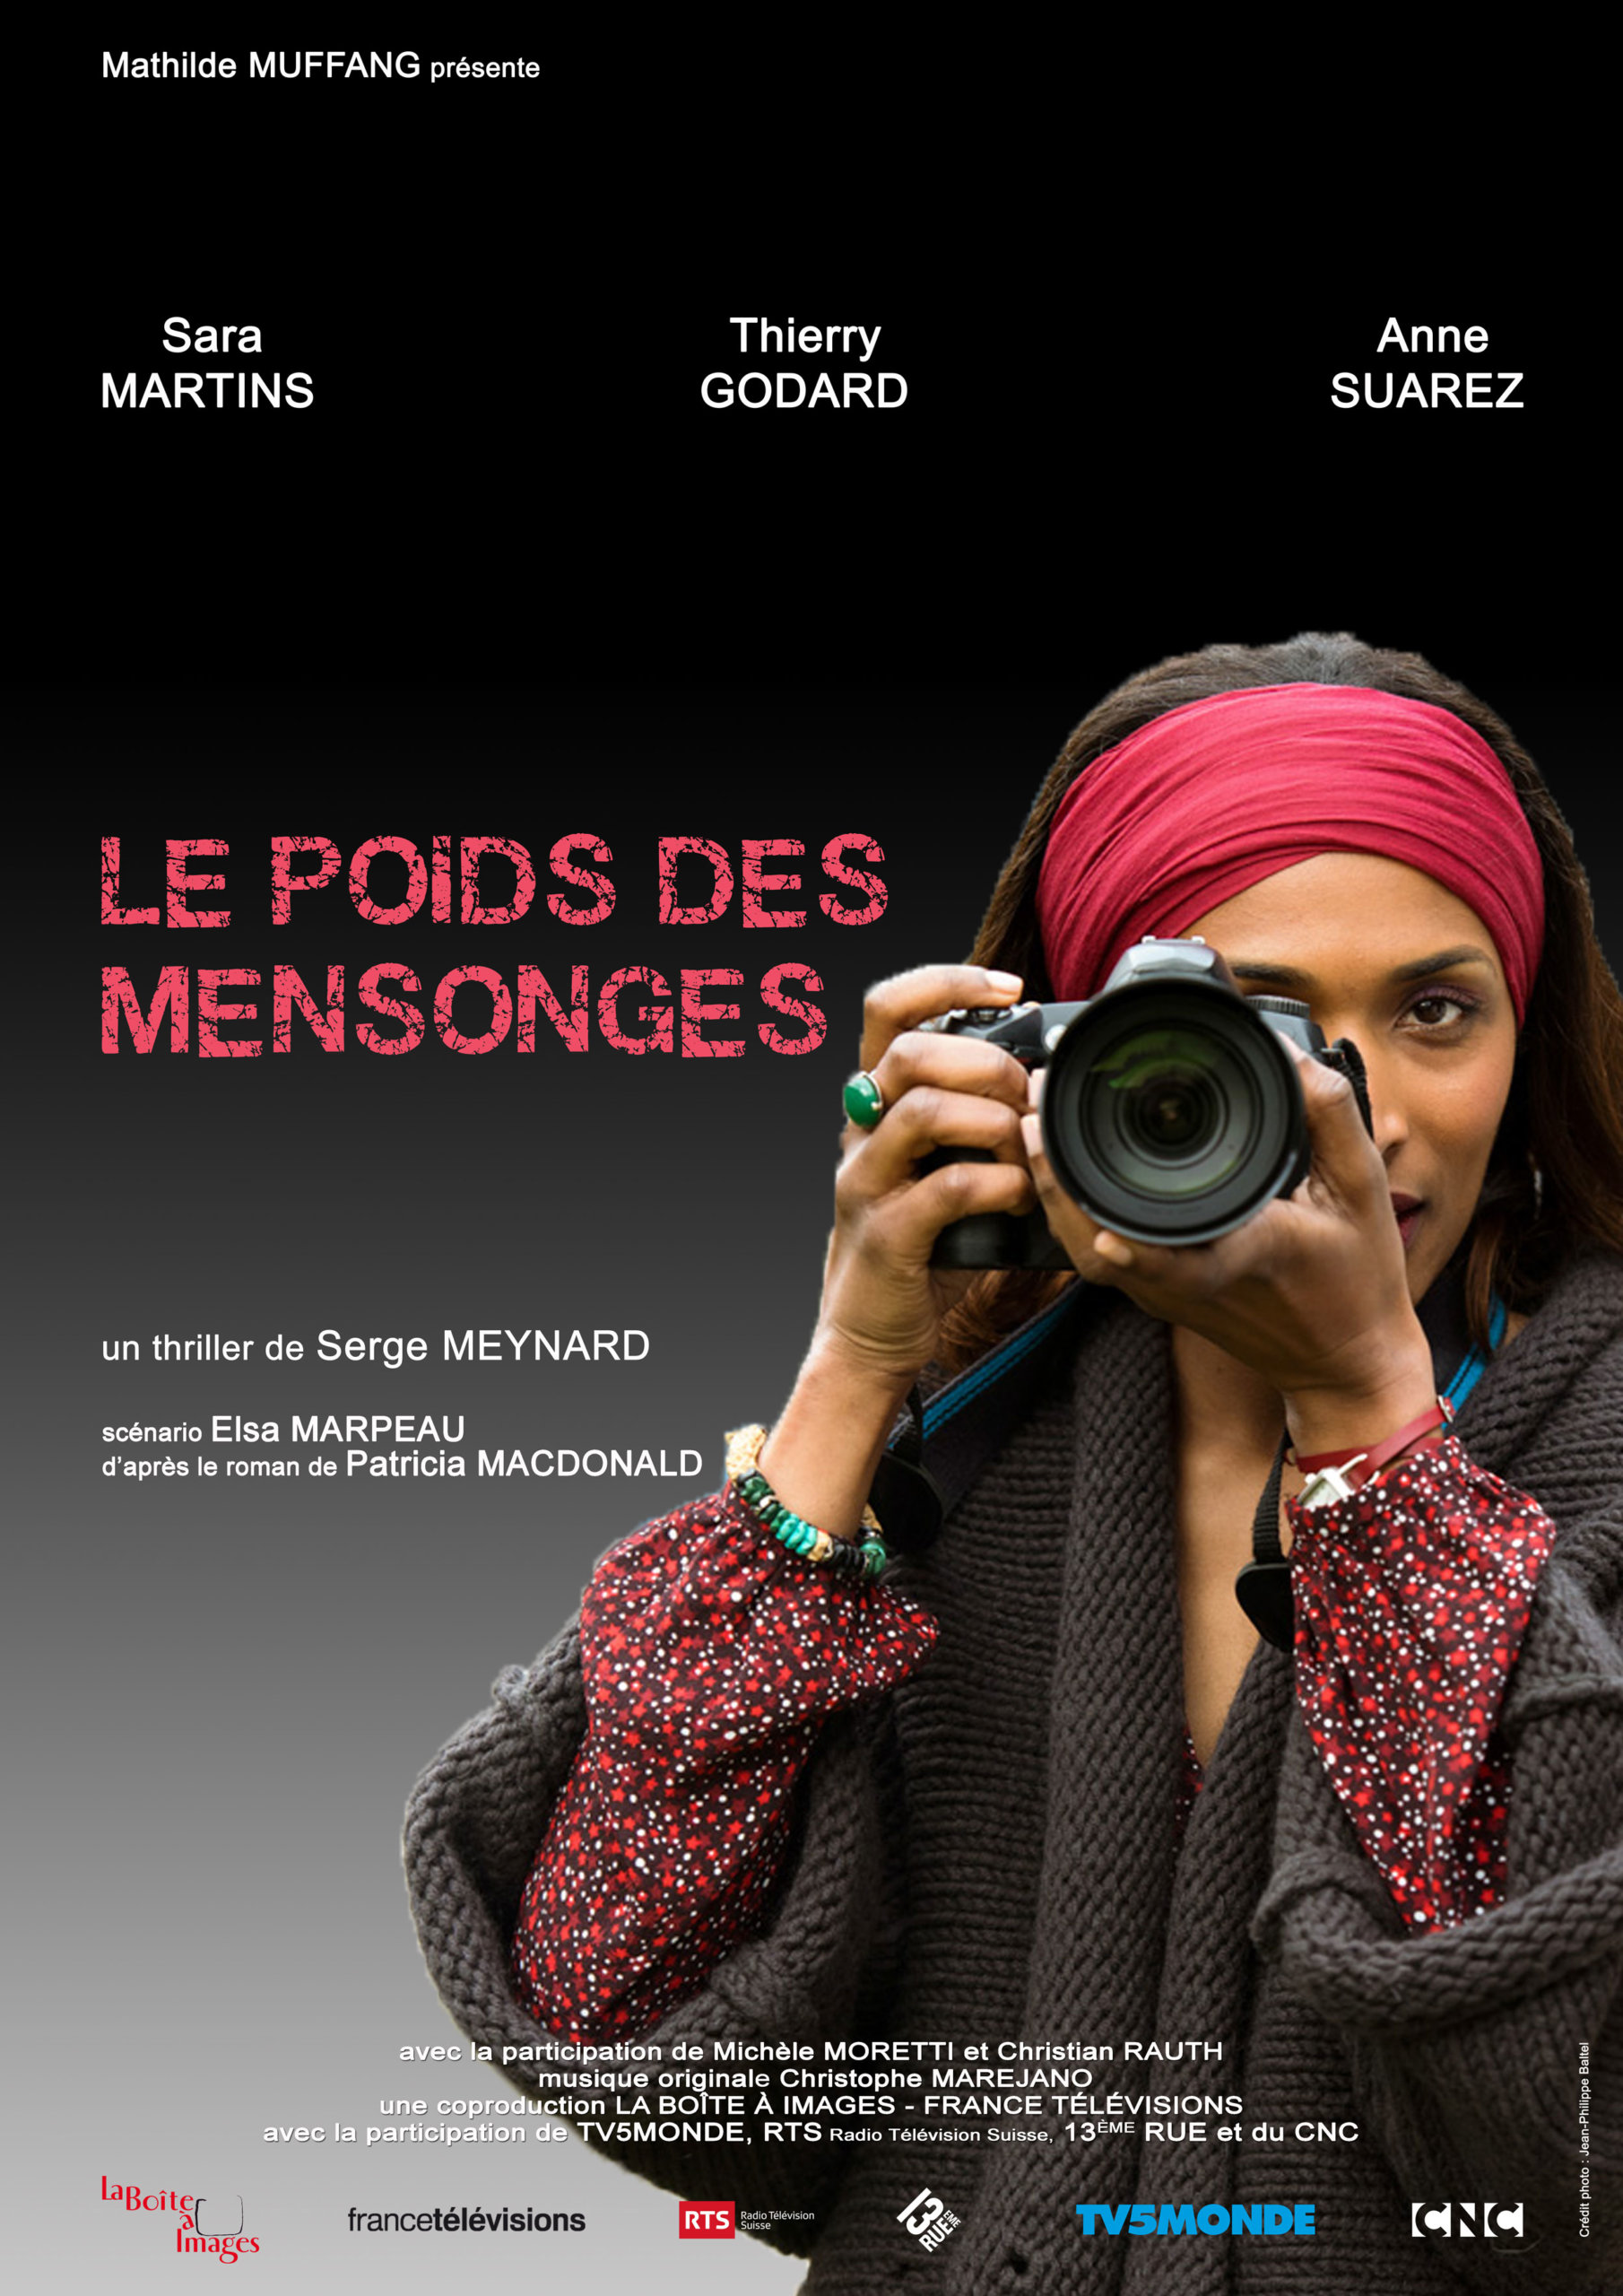 La Boîte à Images - Production audiovisuelle - Le poids des mensonges